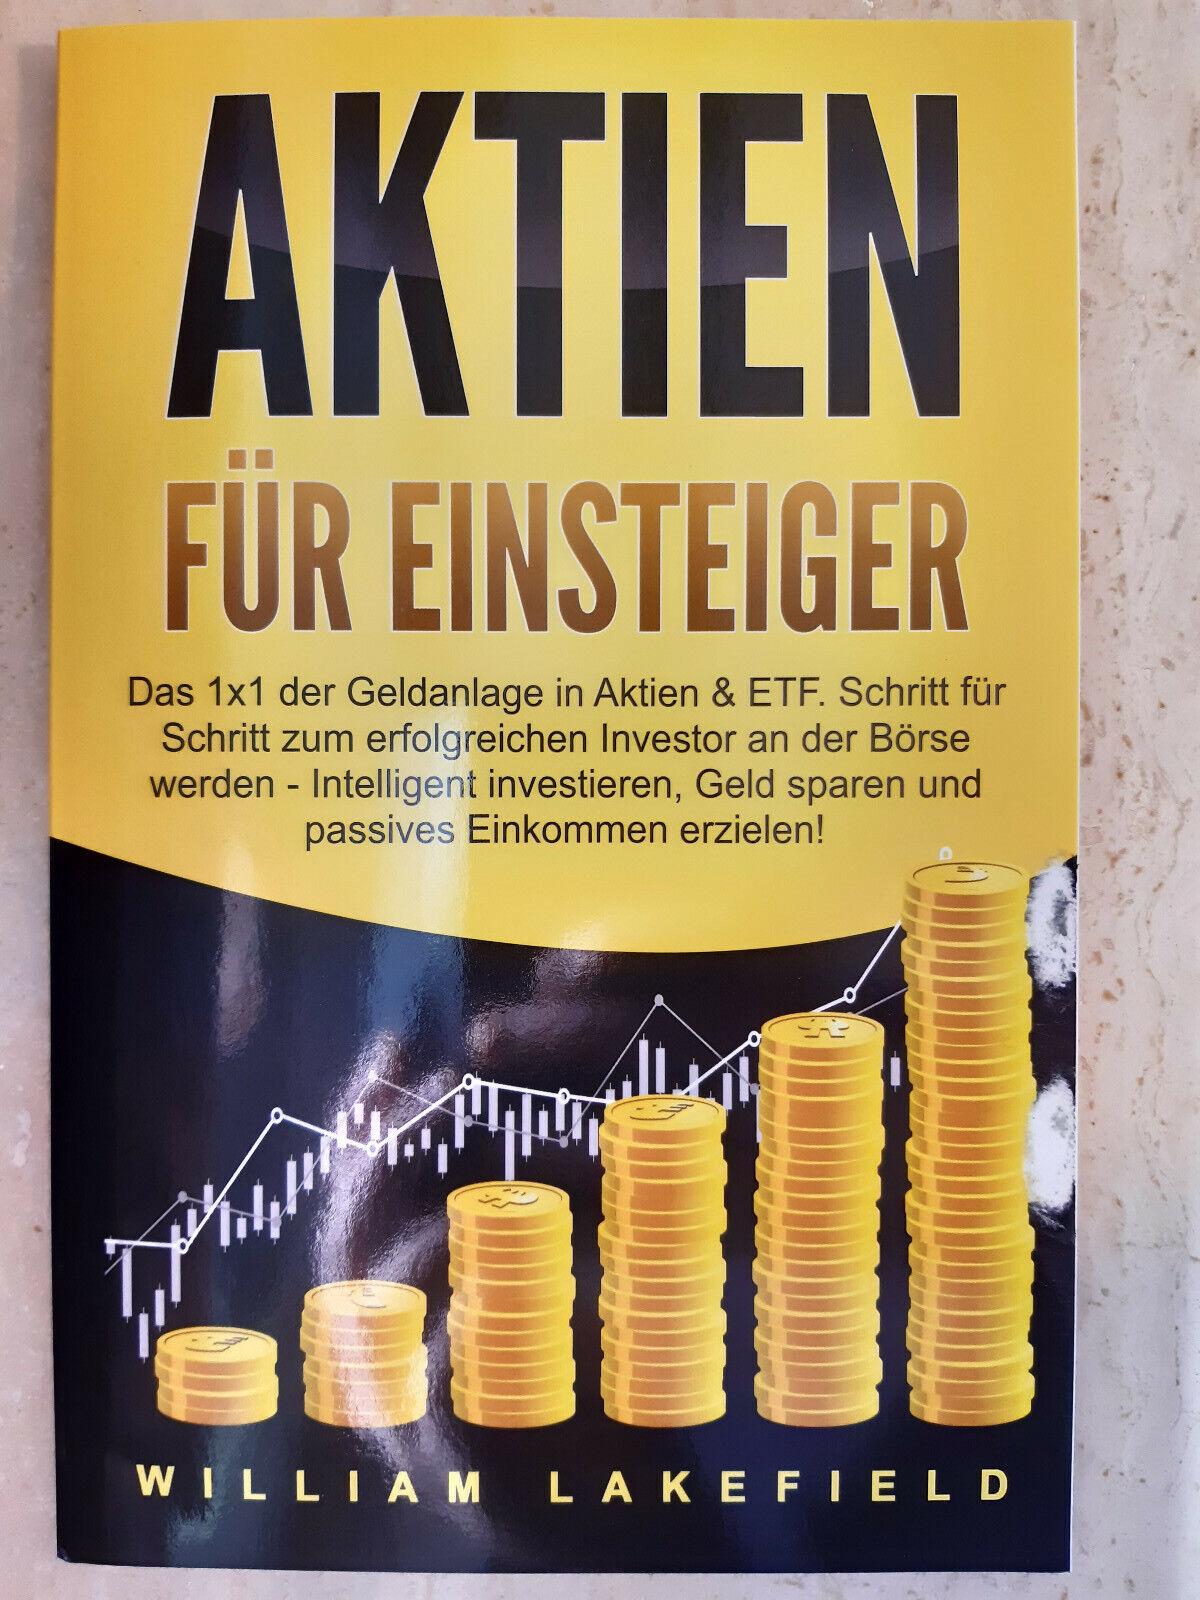 AKTIEN FÜR EINSTEIGER: Das 1x1 der Geldanlage in Aktien & ETF